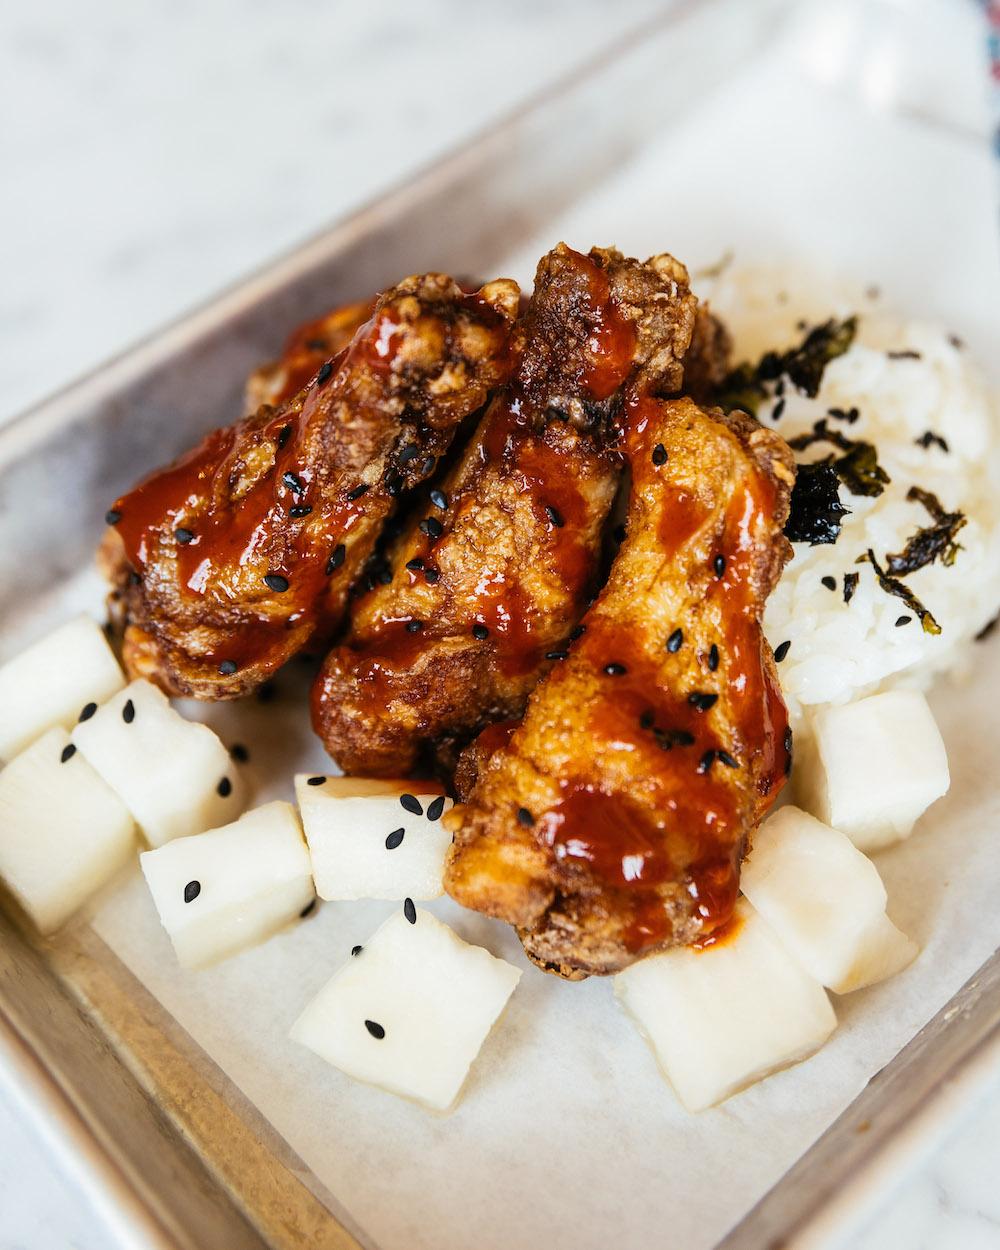 Seoul Chikin Korean fried chicken pop-up